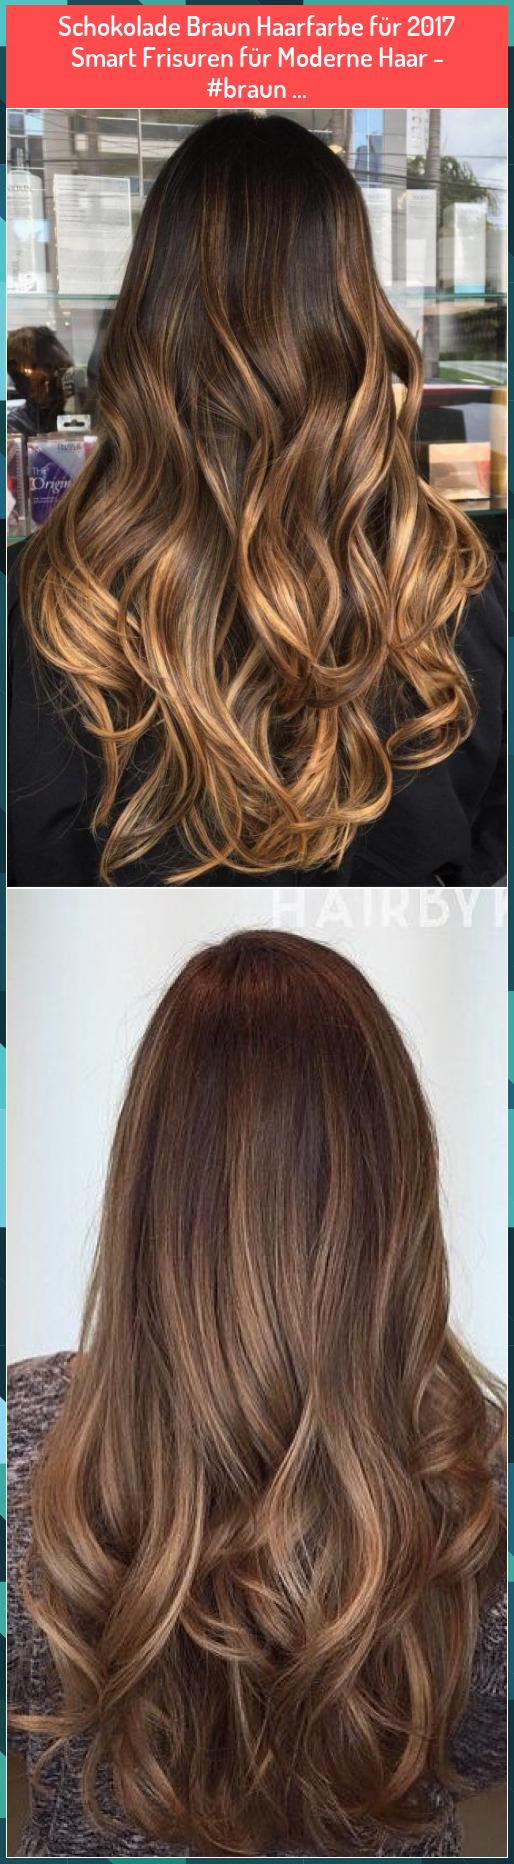 Schokolade Braun Haarfarbe für 2017  Smart Frisuren für Moderne Haar - #braun ... #Schokolade #Braun #Haarfarbe #für #2017 #Smart #Frisuren #für #Moderne #Haar ##braun #...